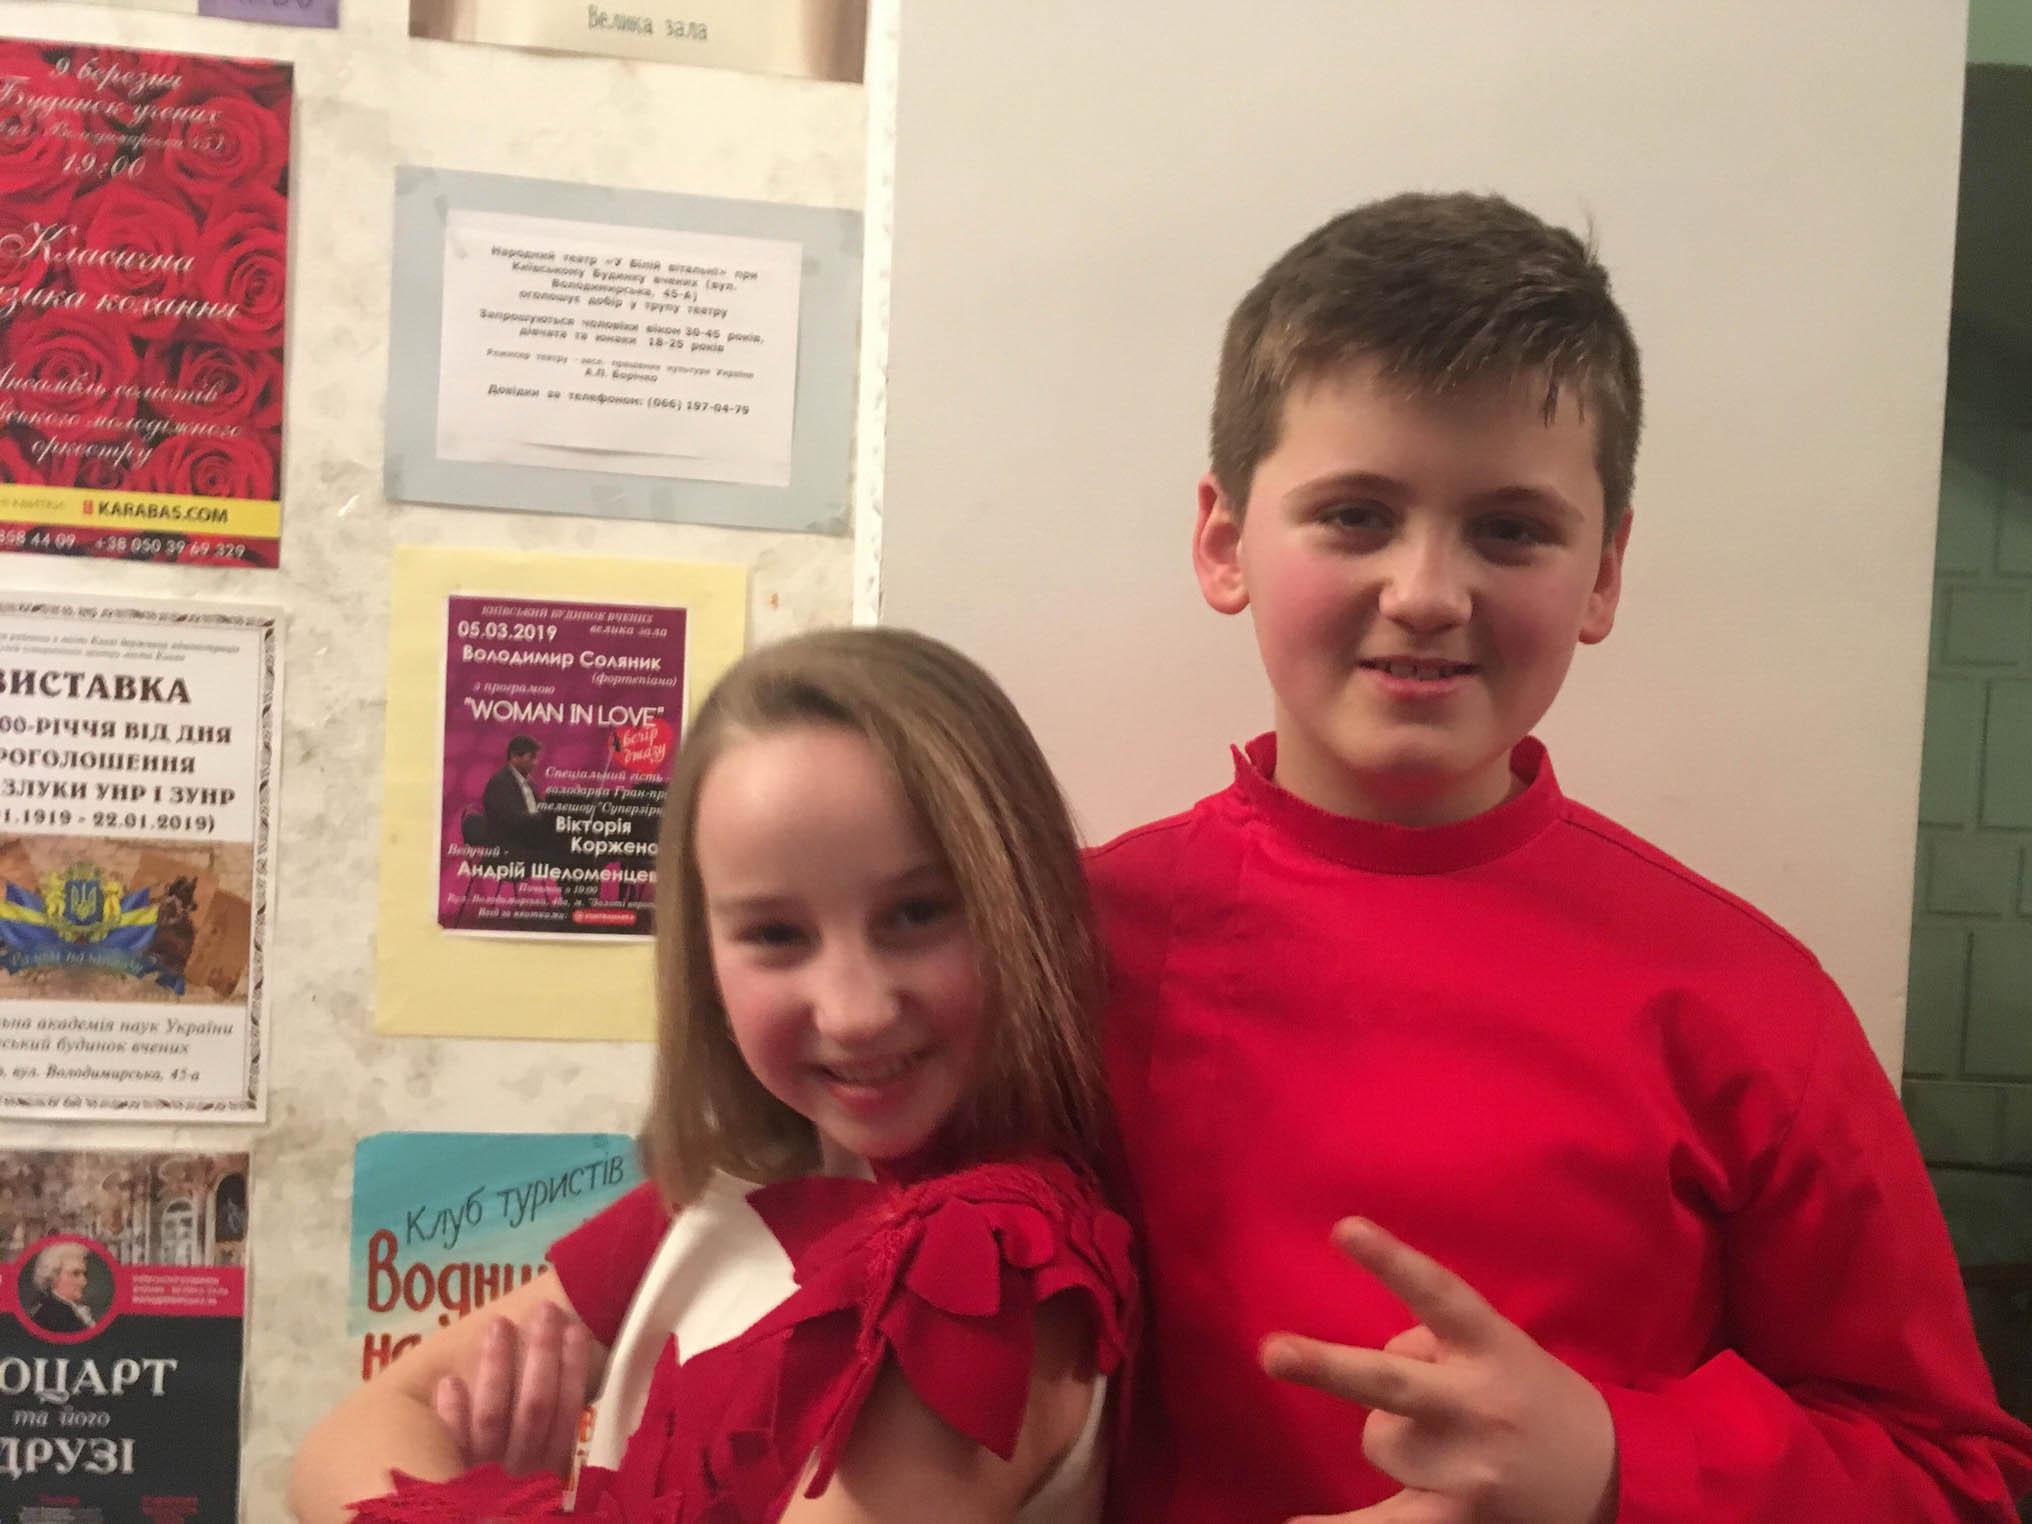 Юні прикарпатці змагатимуться за право представити Україну на пісенному конкурсі в Сан-Ремо